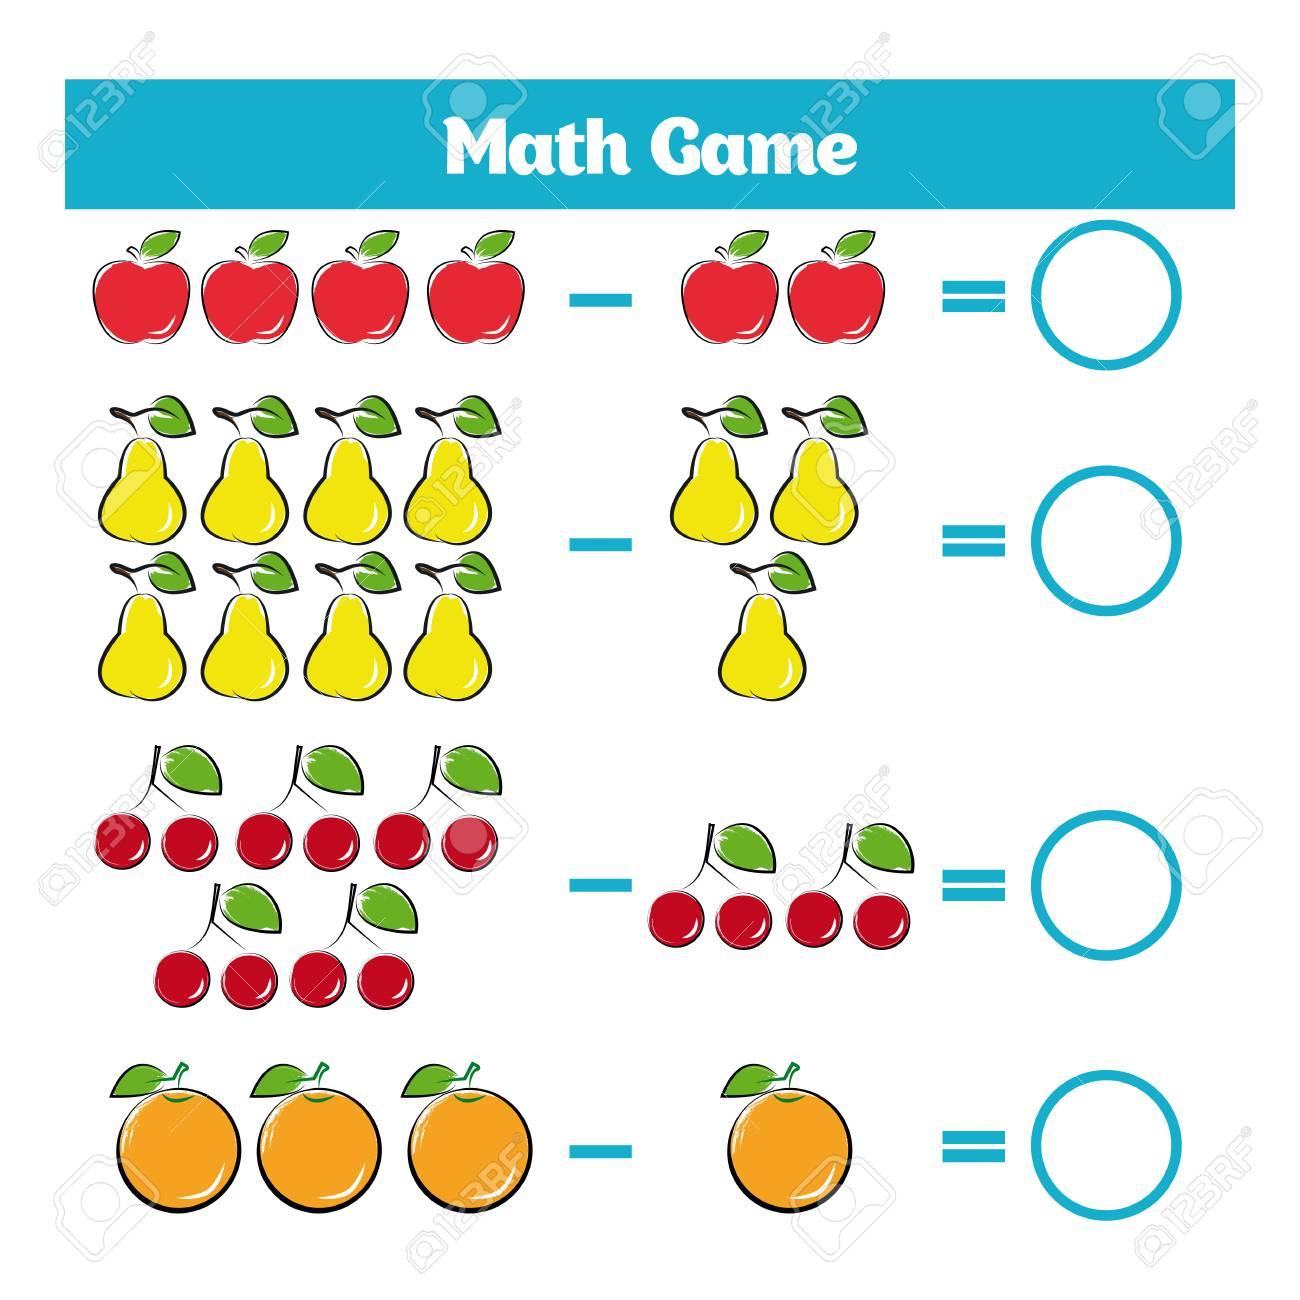 Jeu Éducatif Mathématique Pour Les Enfants. Apprentissage Soustraction  Feuille De Calcul Pour Les Enfants, En Comptant L'activité. Illustration encequiconcerne Jeux De Matematique